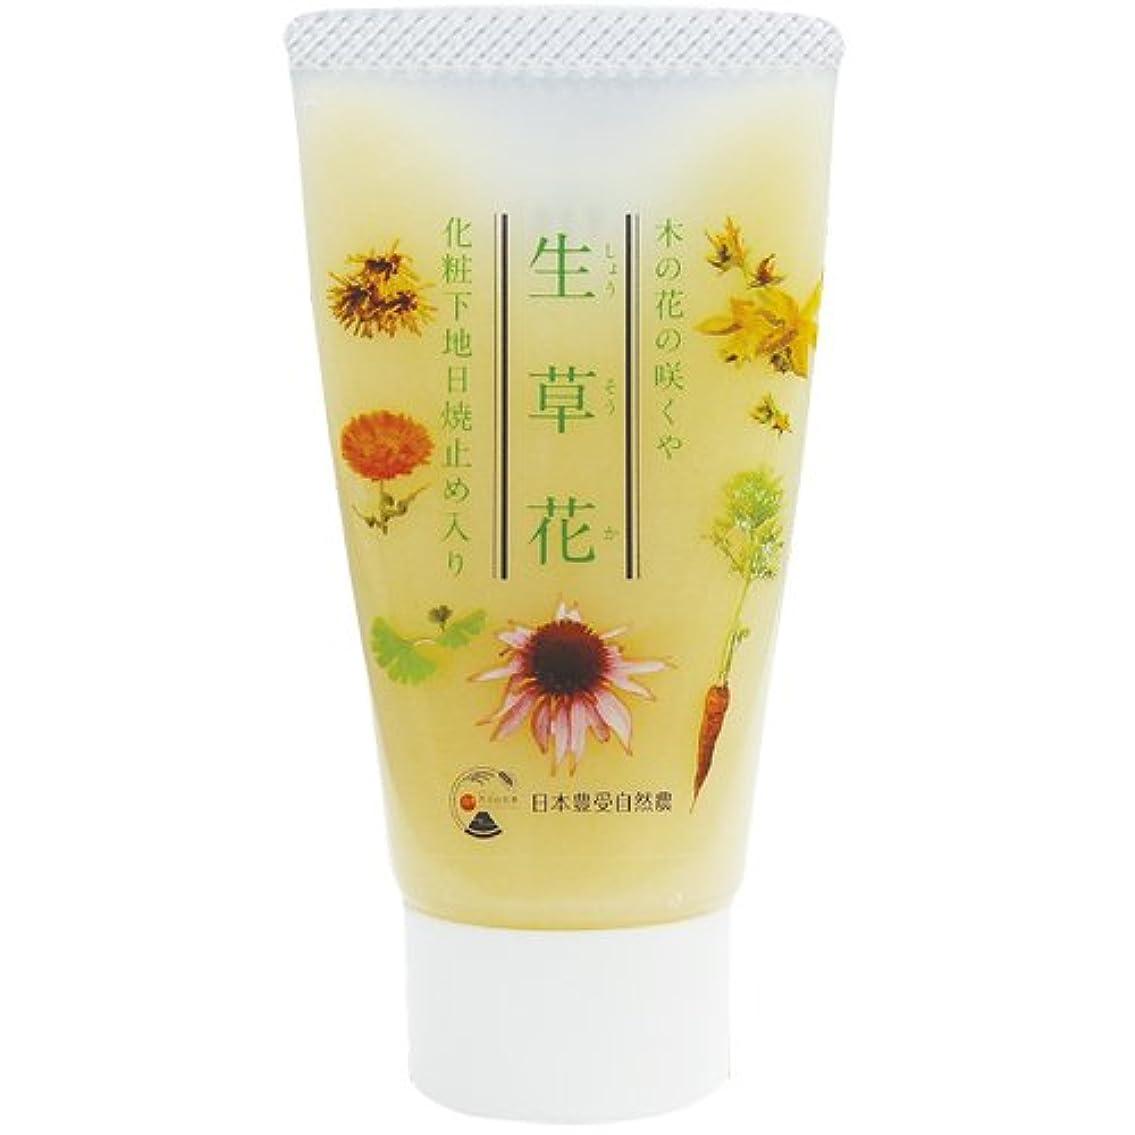 実験因子パトロン日本豊受自然農 木の花の咲くや 生草花 化粧下地 日焼け止め入り 30g